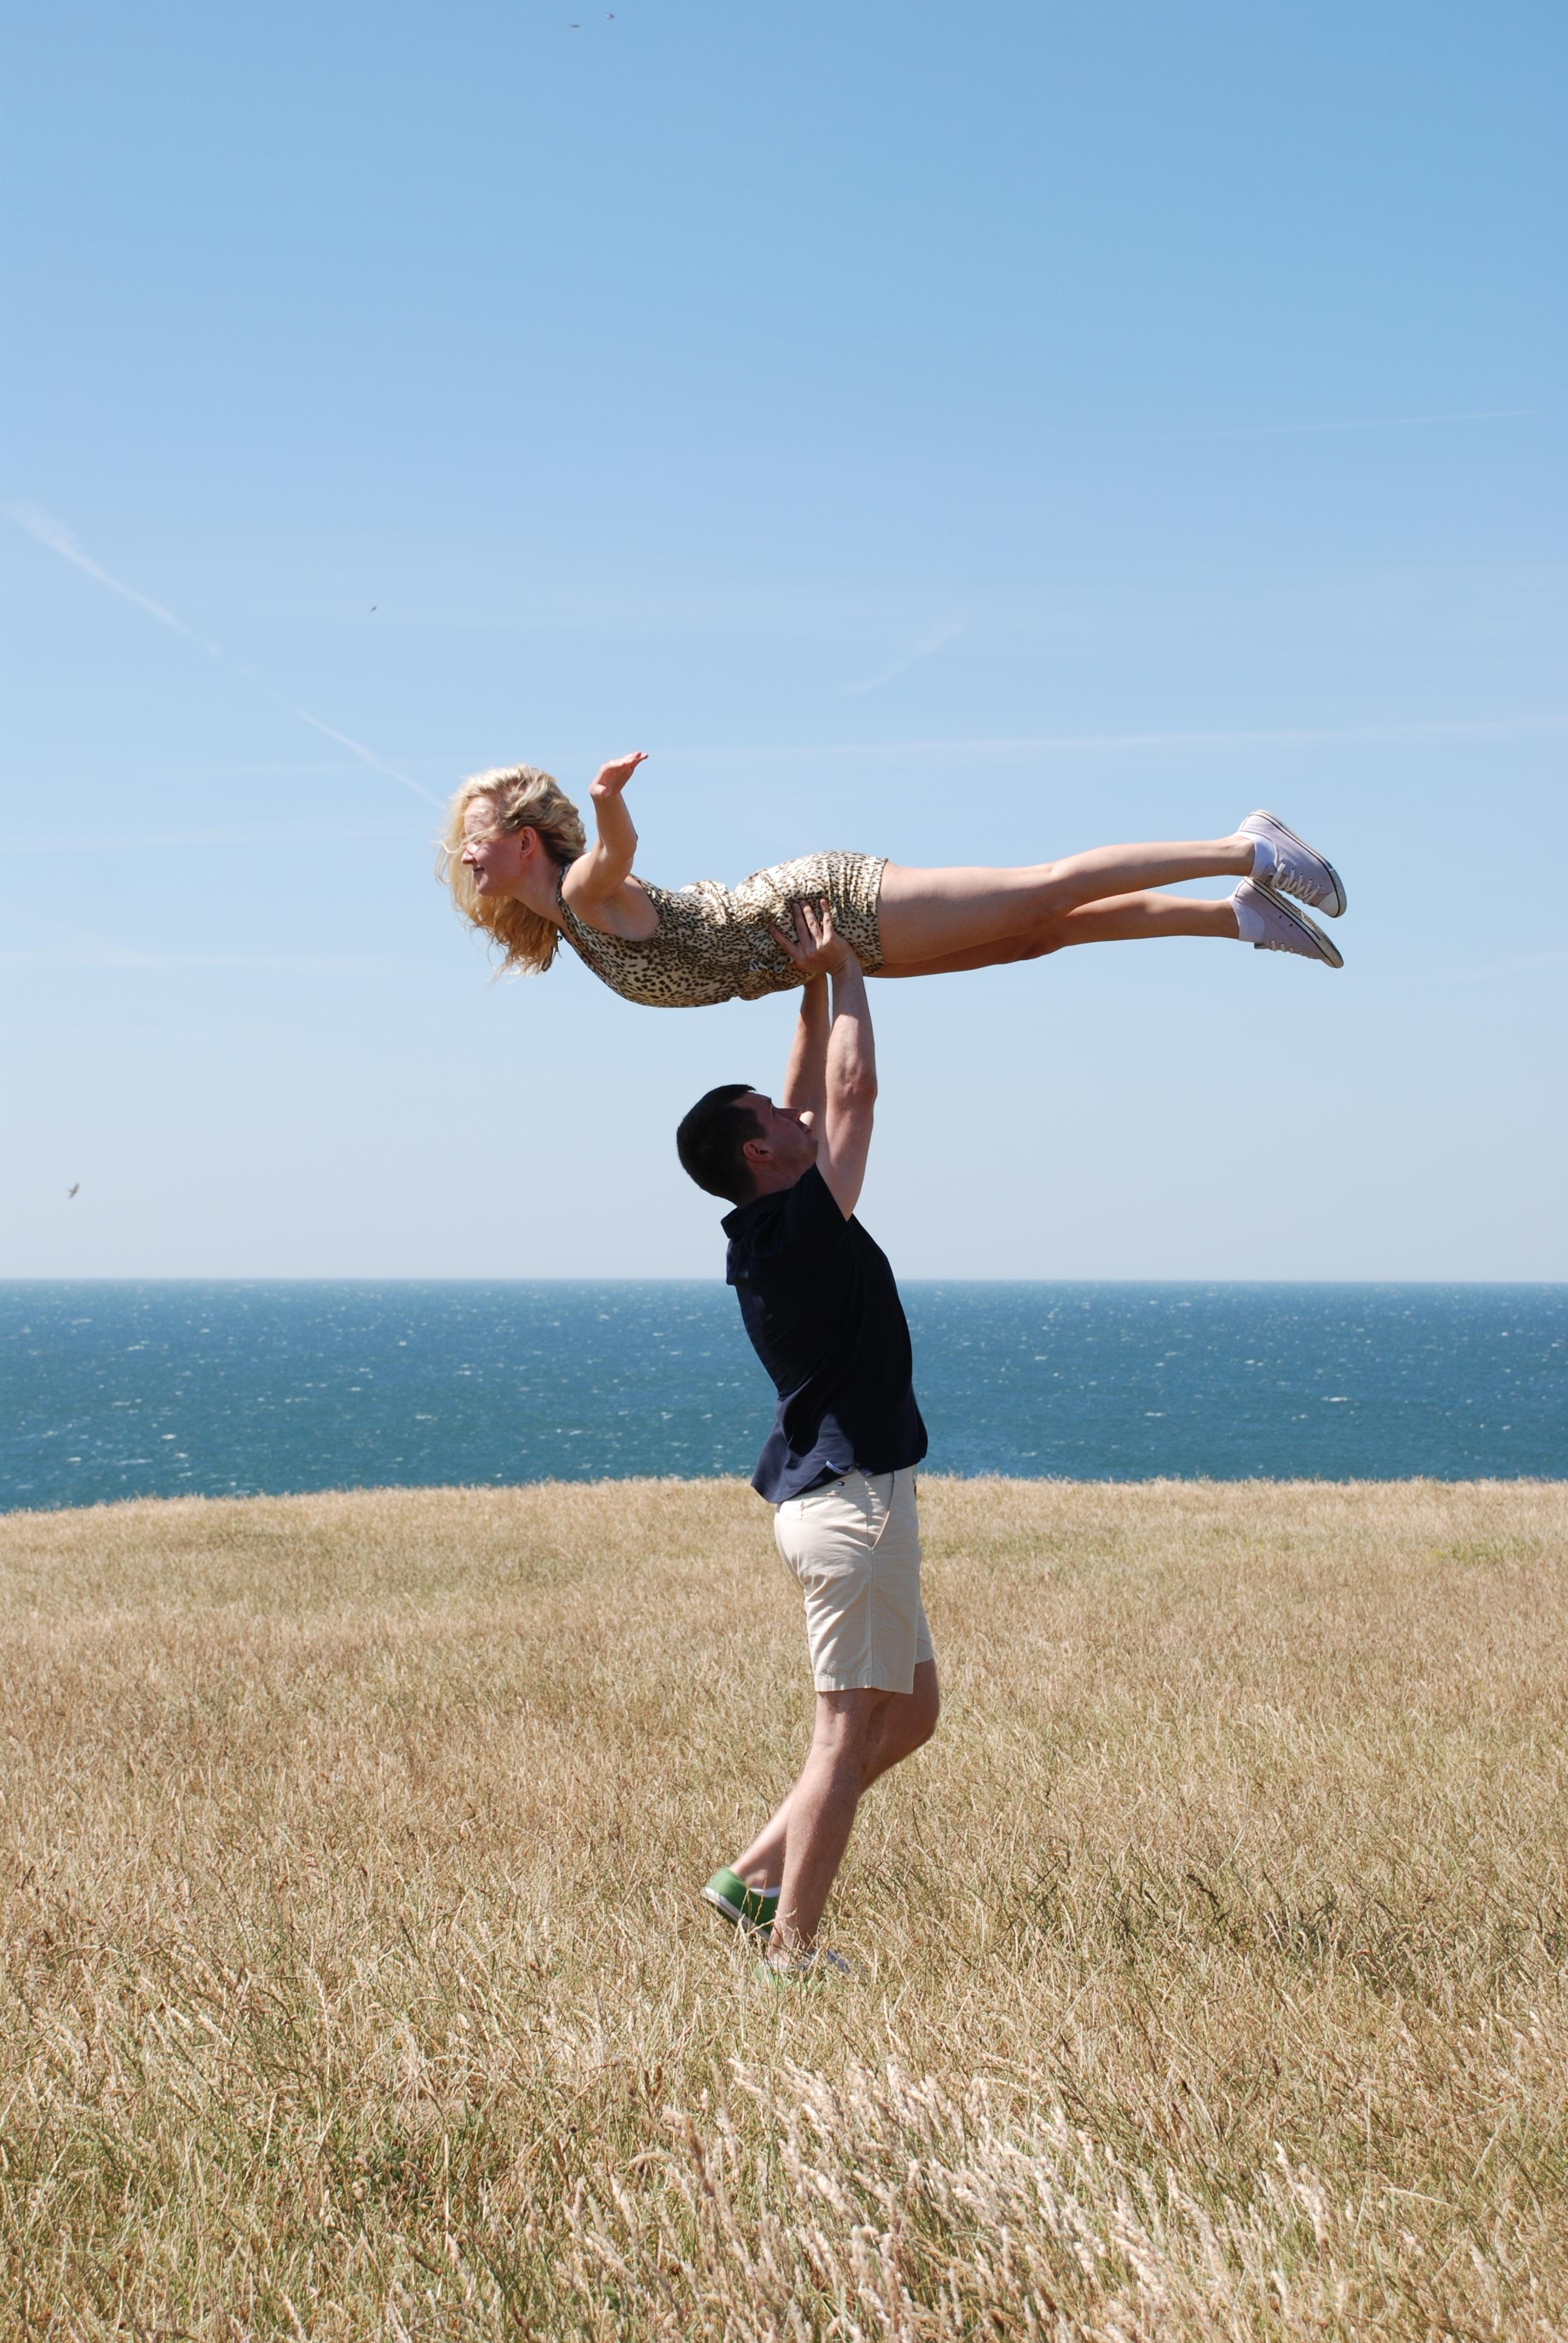 Man Lifting Woman in Open Field Near Body of Water